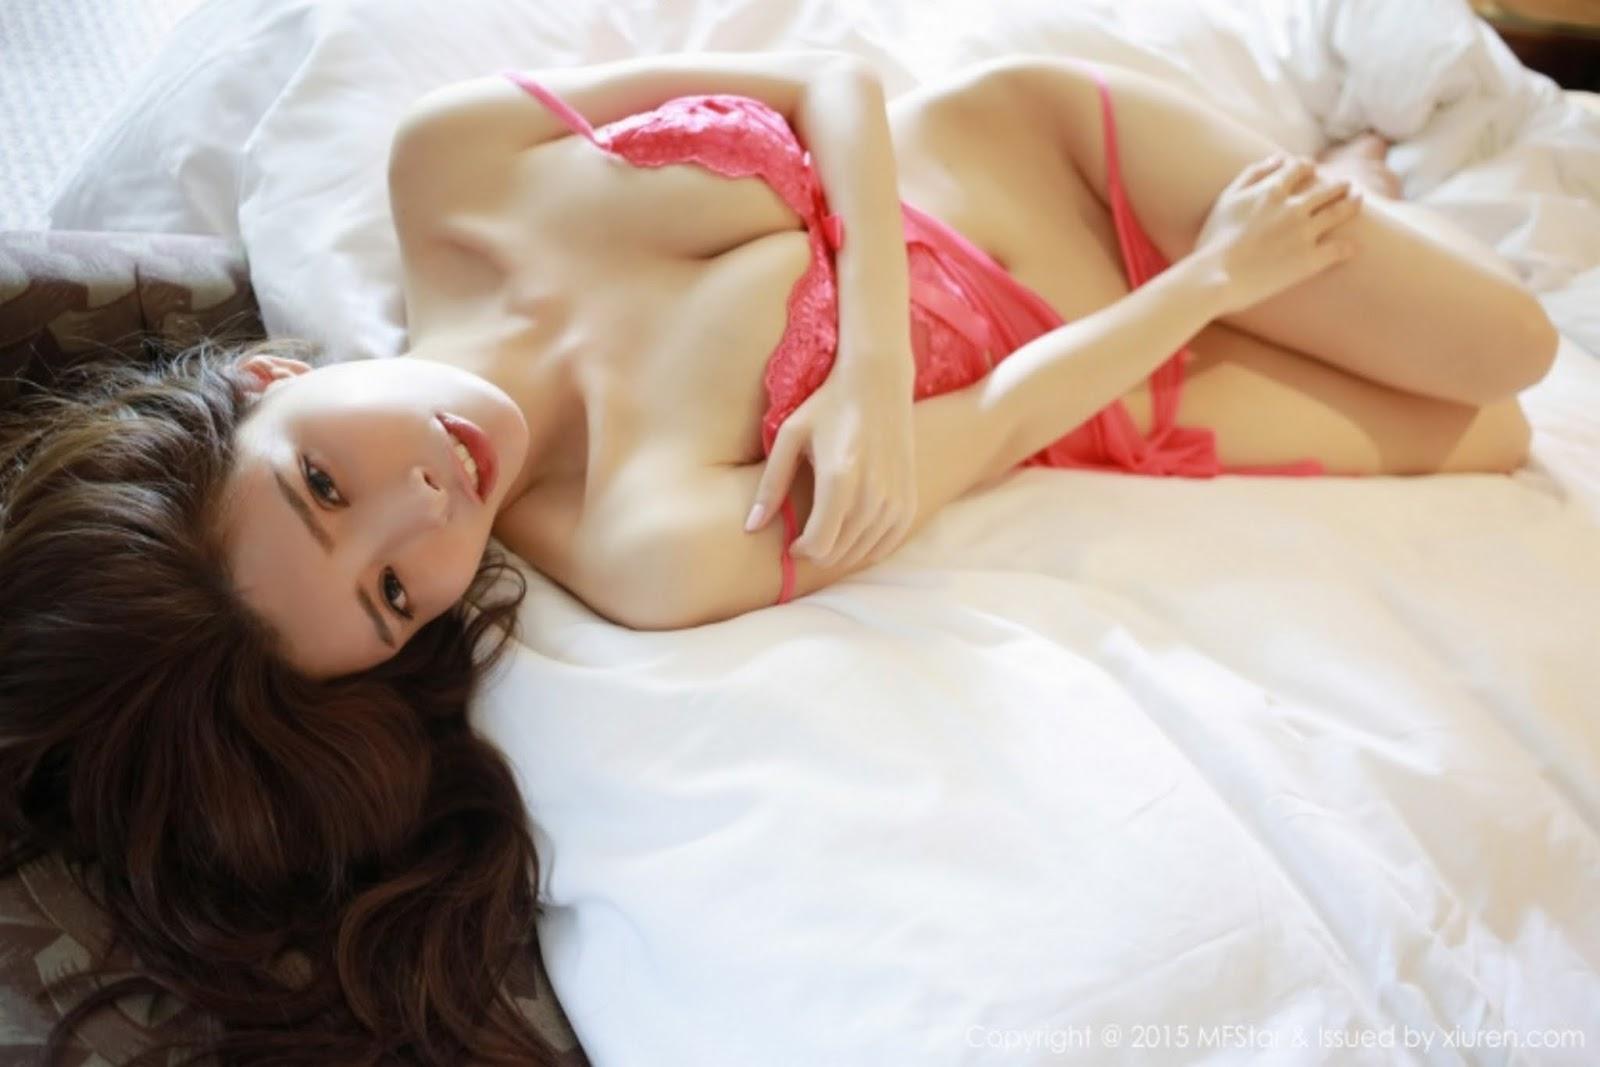 0050 - Hot MFSTAR VOL.10 Model Girl Hot